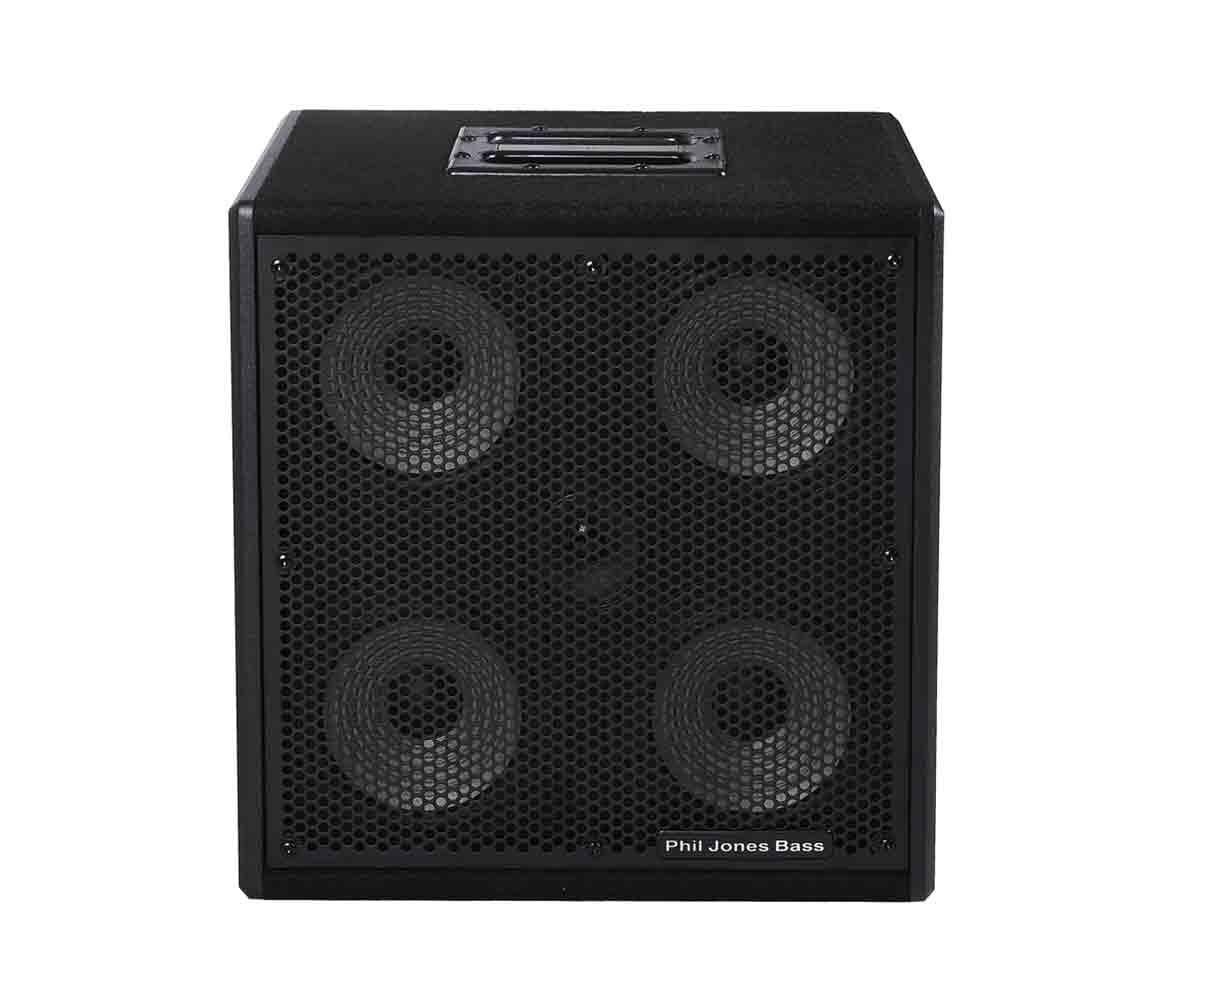 Phil Jones Bass Cab 47 - 300 Watt Bass Cabinet